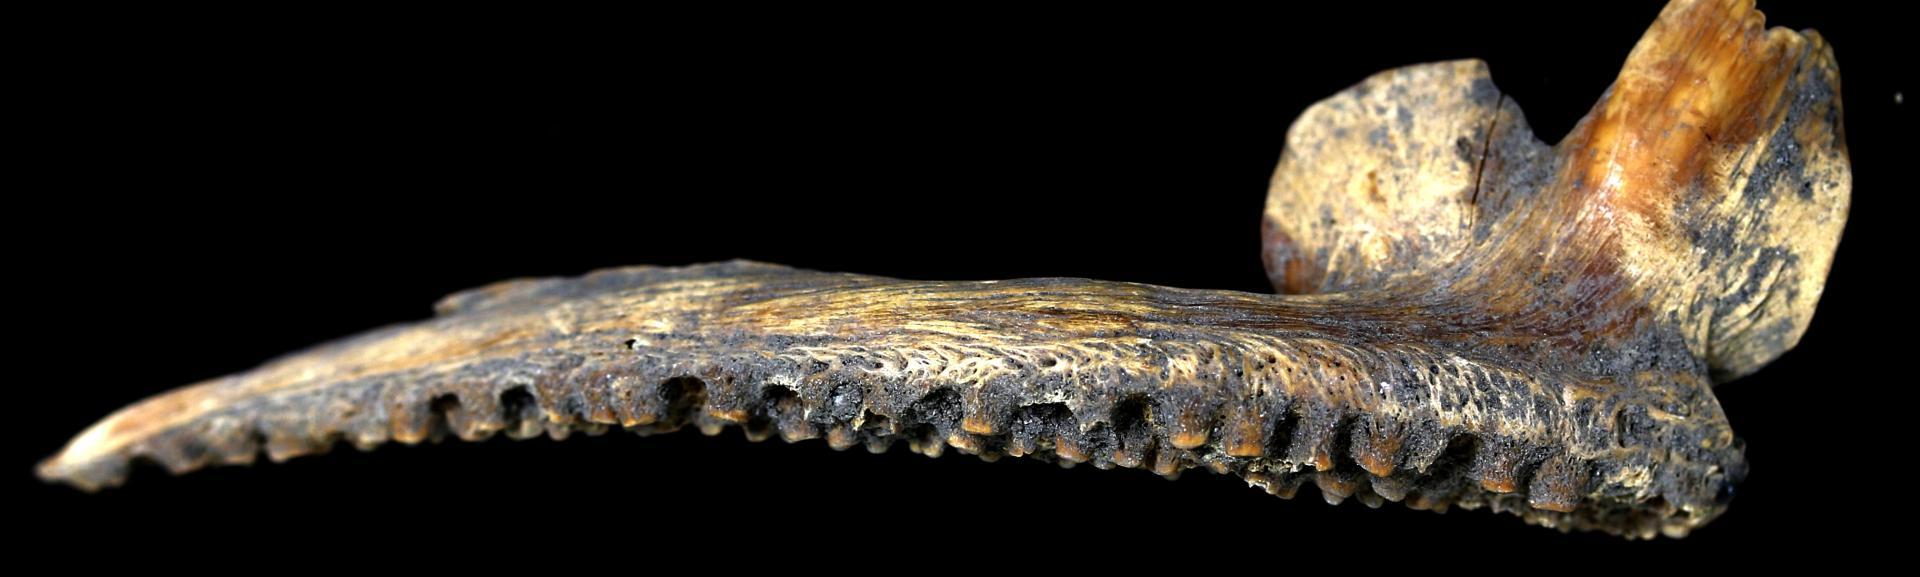 Une mâchoire de morue découverte à Haithabu - photo: Bastiaan Star